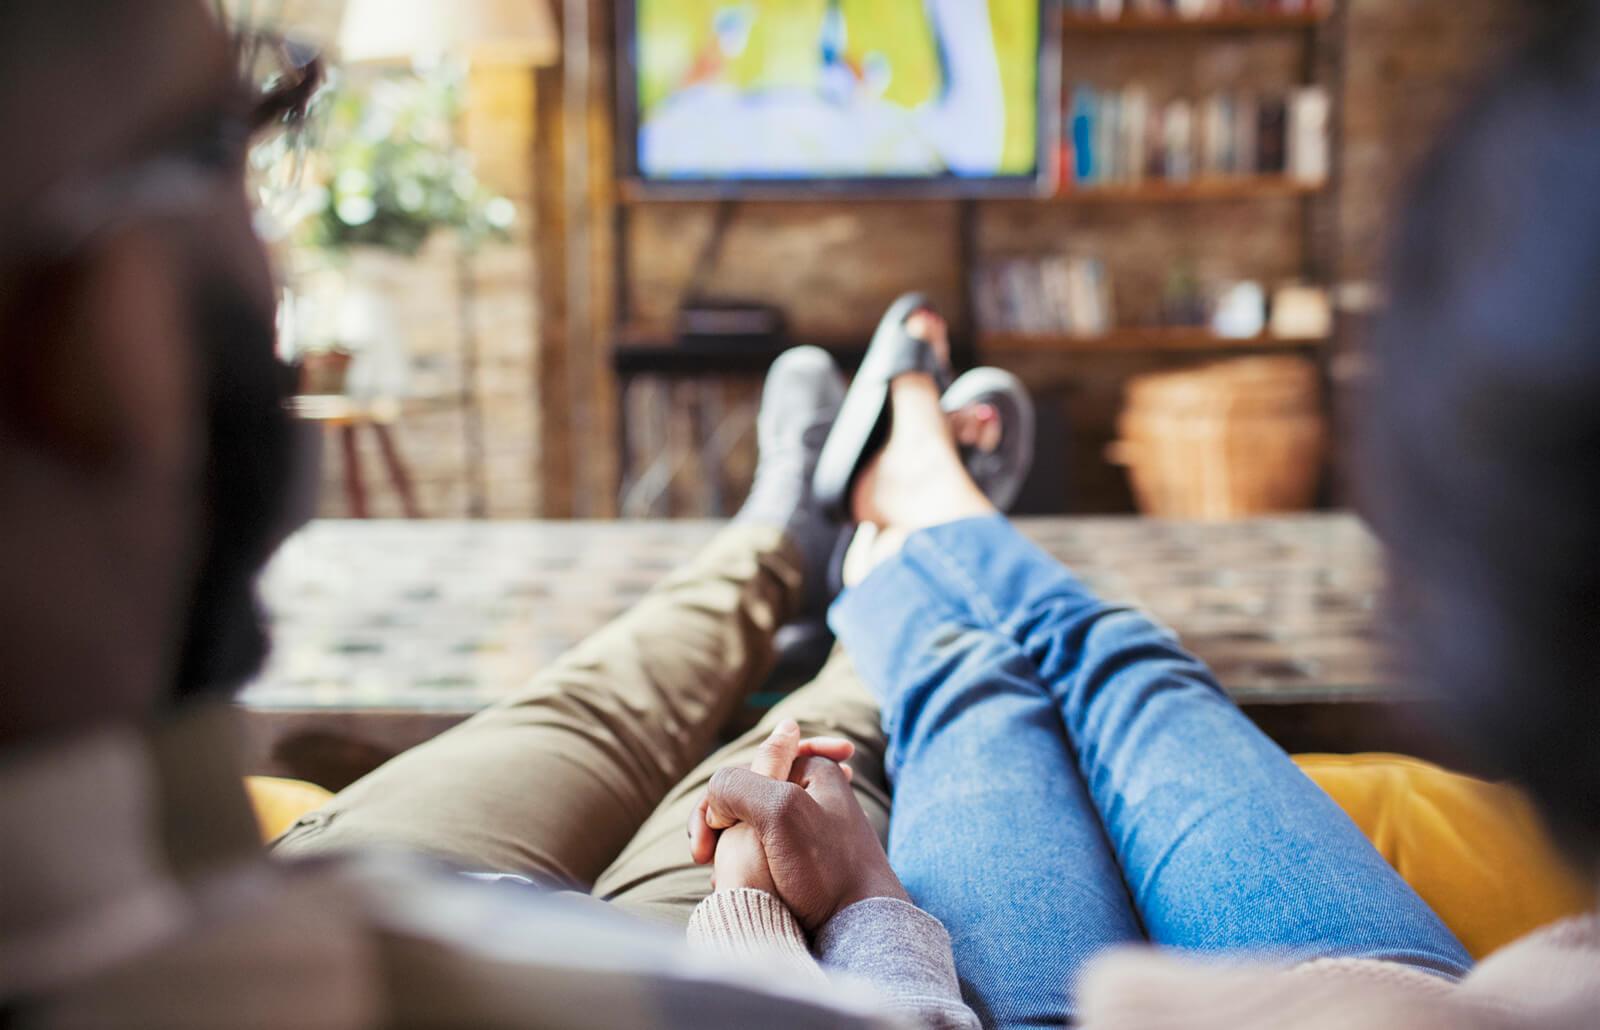 5分钟学会和女生聊天开场白,迅速接近距离